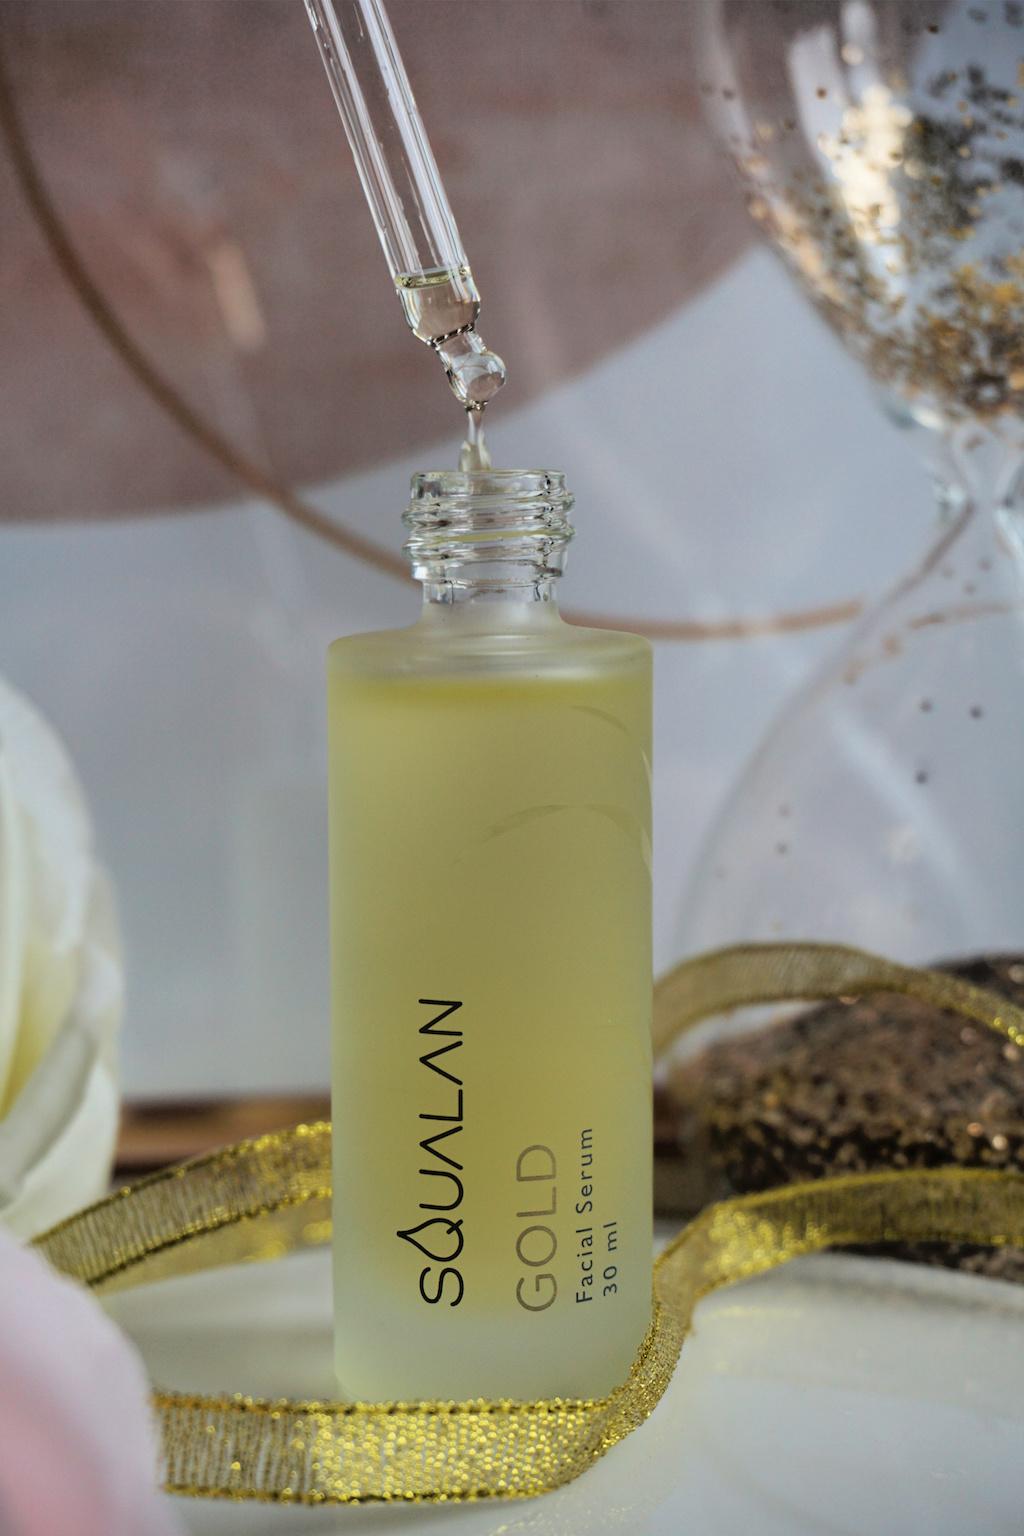 Squalan Gold Anti-Aging Serum Review